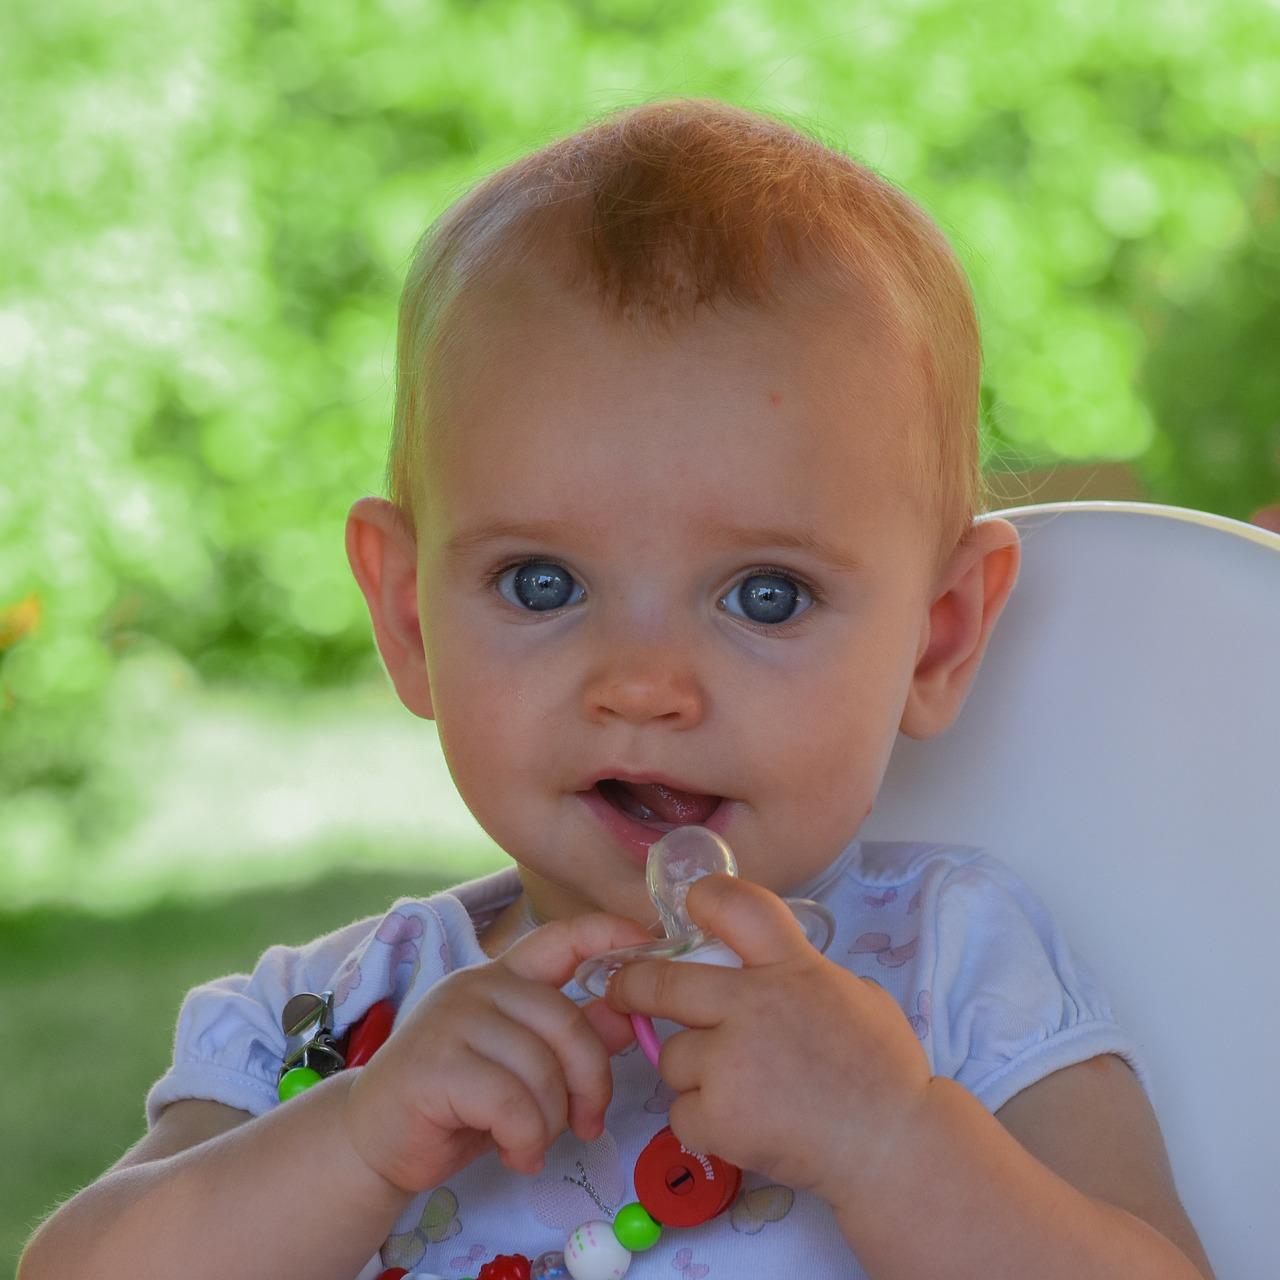 Smoczek dla noworodka - Smoczek dla niemowlaka tak czy nie – Smoczek okiem logopedy - część 4